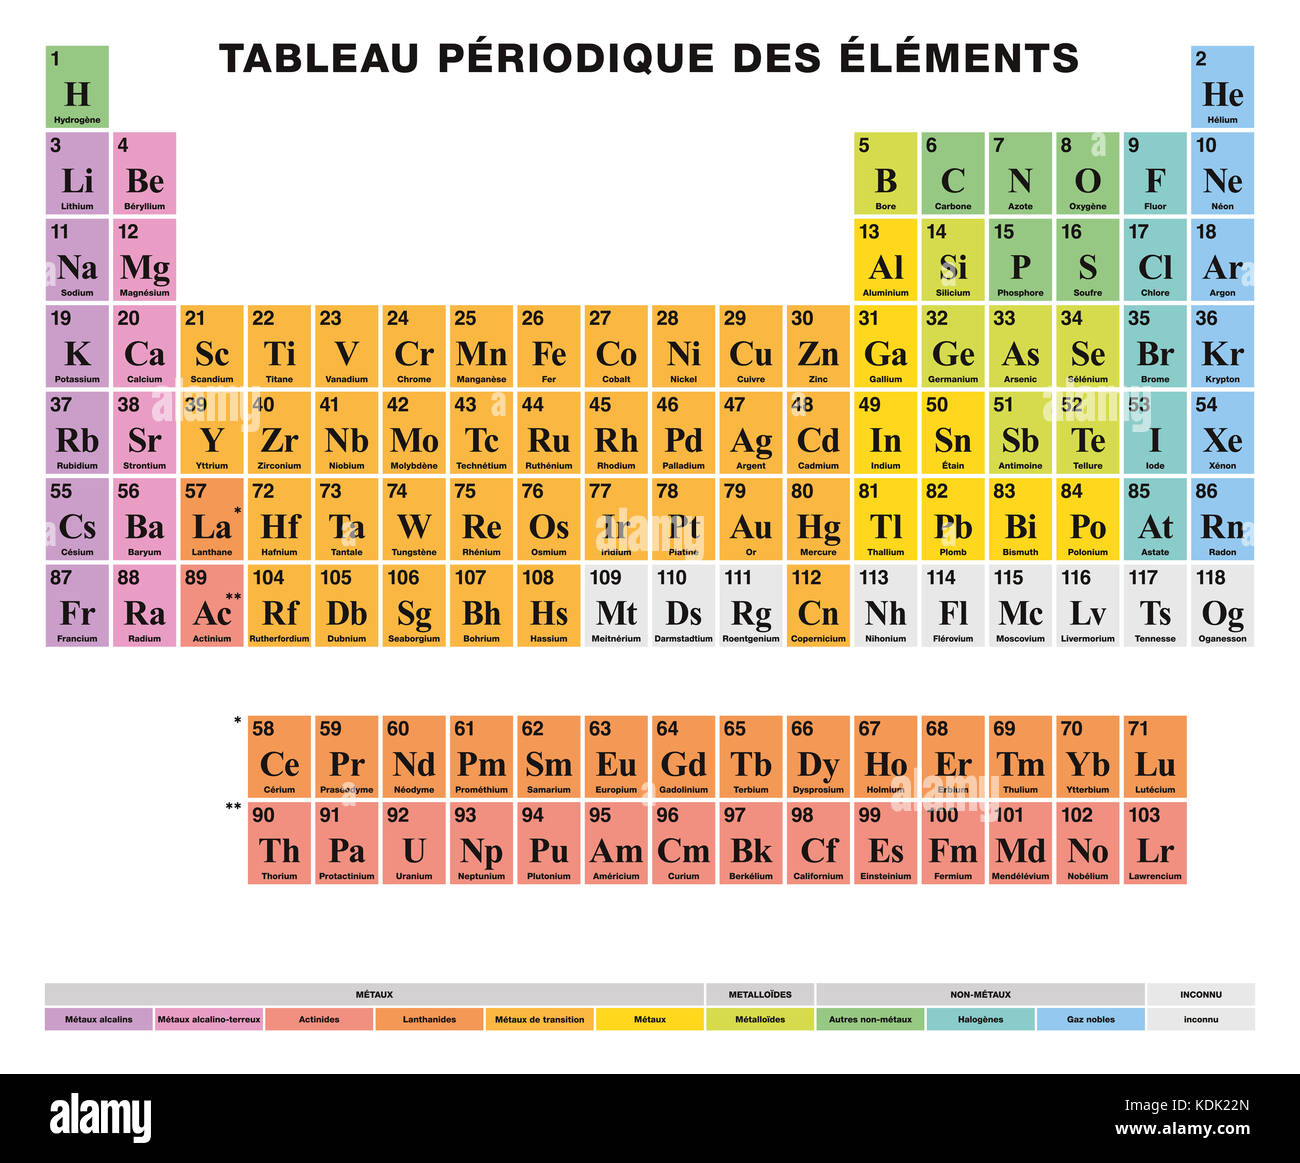 Iupac imgenes de stock iupac fotos de stock alamy tabla peridica de los elementos rtulos en francs disposicin tabular de los 118 elementos urtaz Images